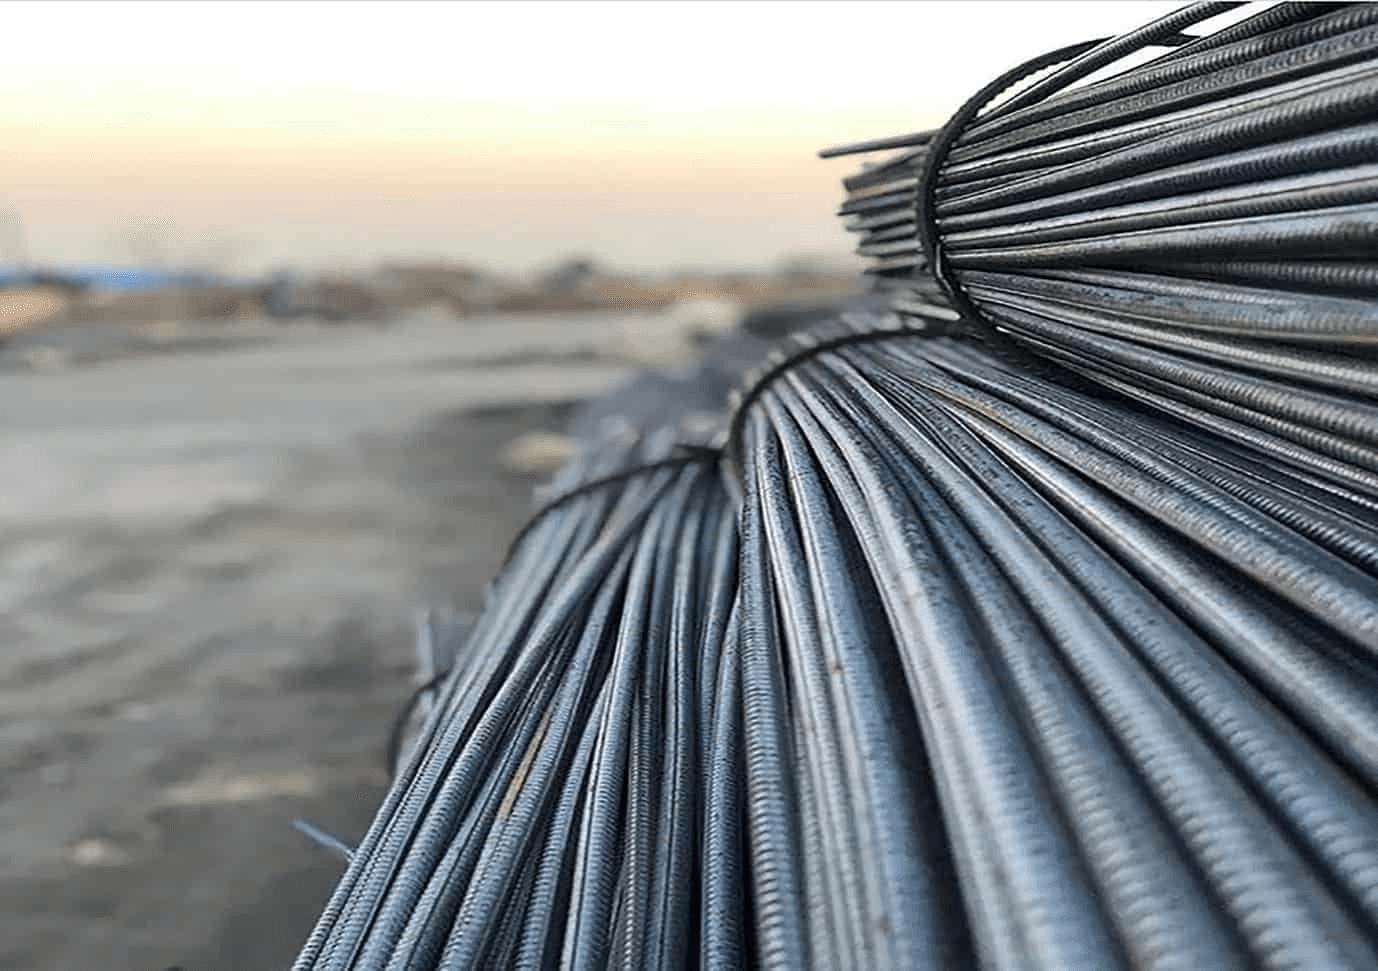 مشخصات میلگرد آجدار نیشابور 16 A3 شاخه 12 متری کارخانه